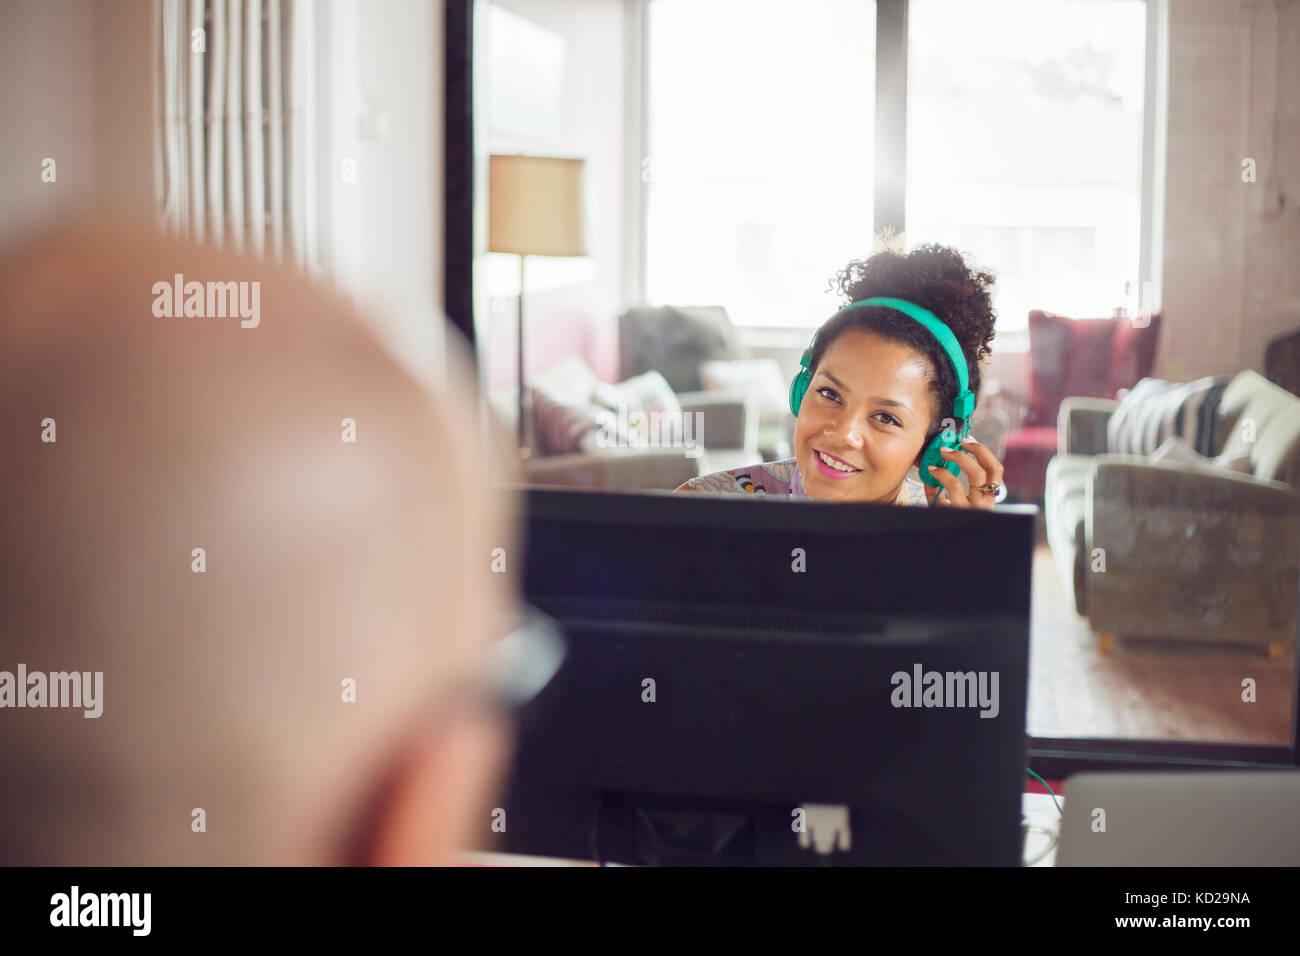 Frau mit Kopfhörern zu sprechen glatzköpfige Mann und lächelnd Stockfoto